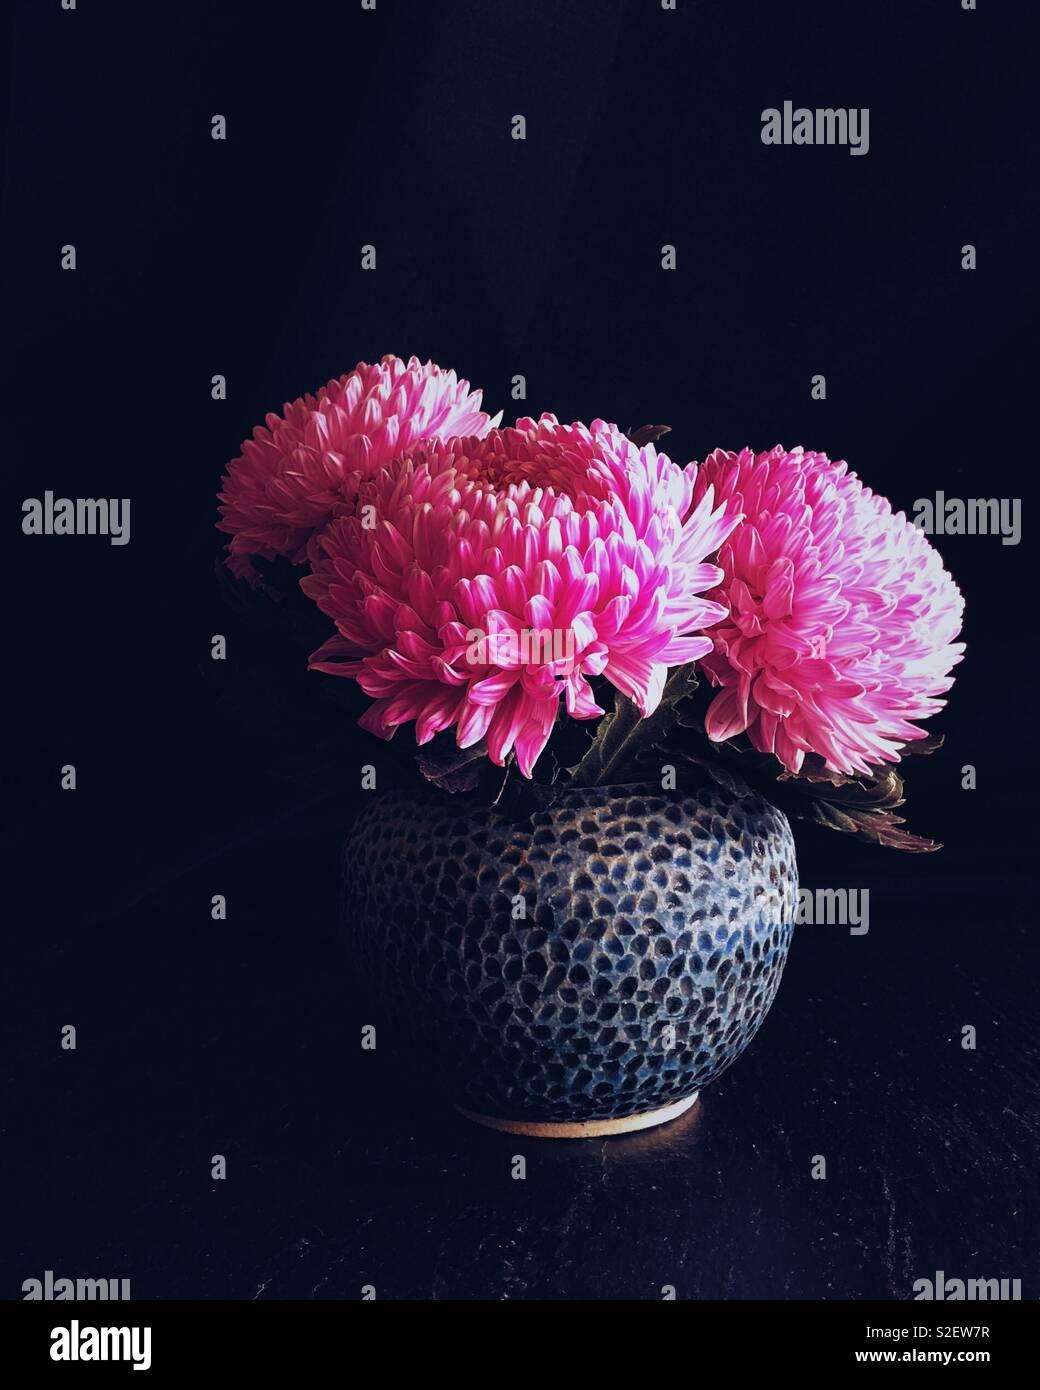 Pink Chrysanthemums - Stock Image